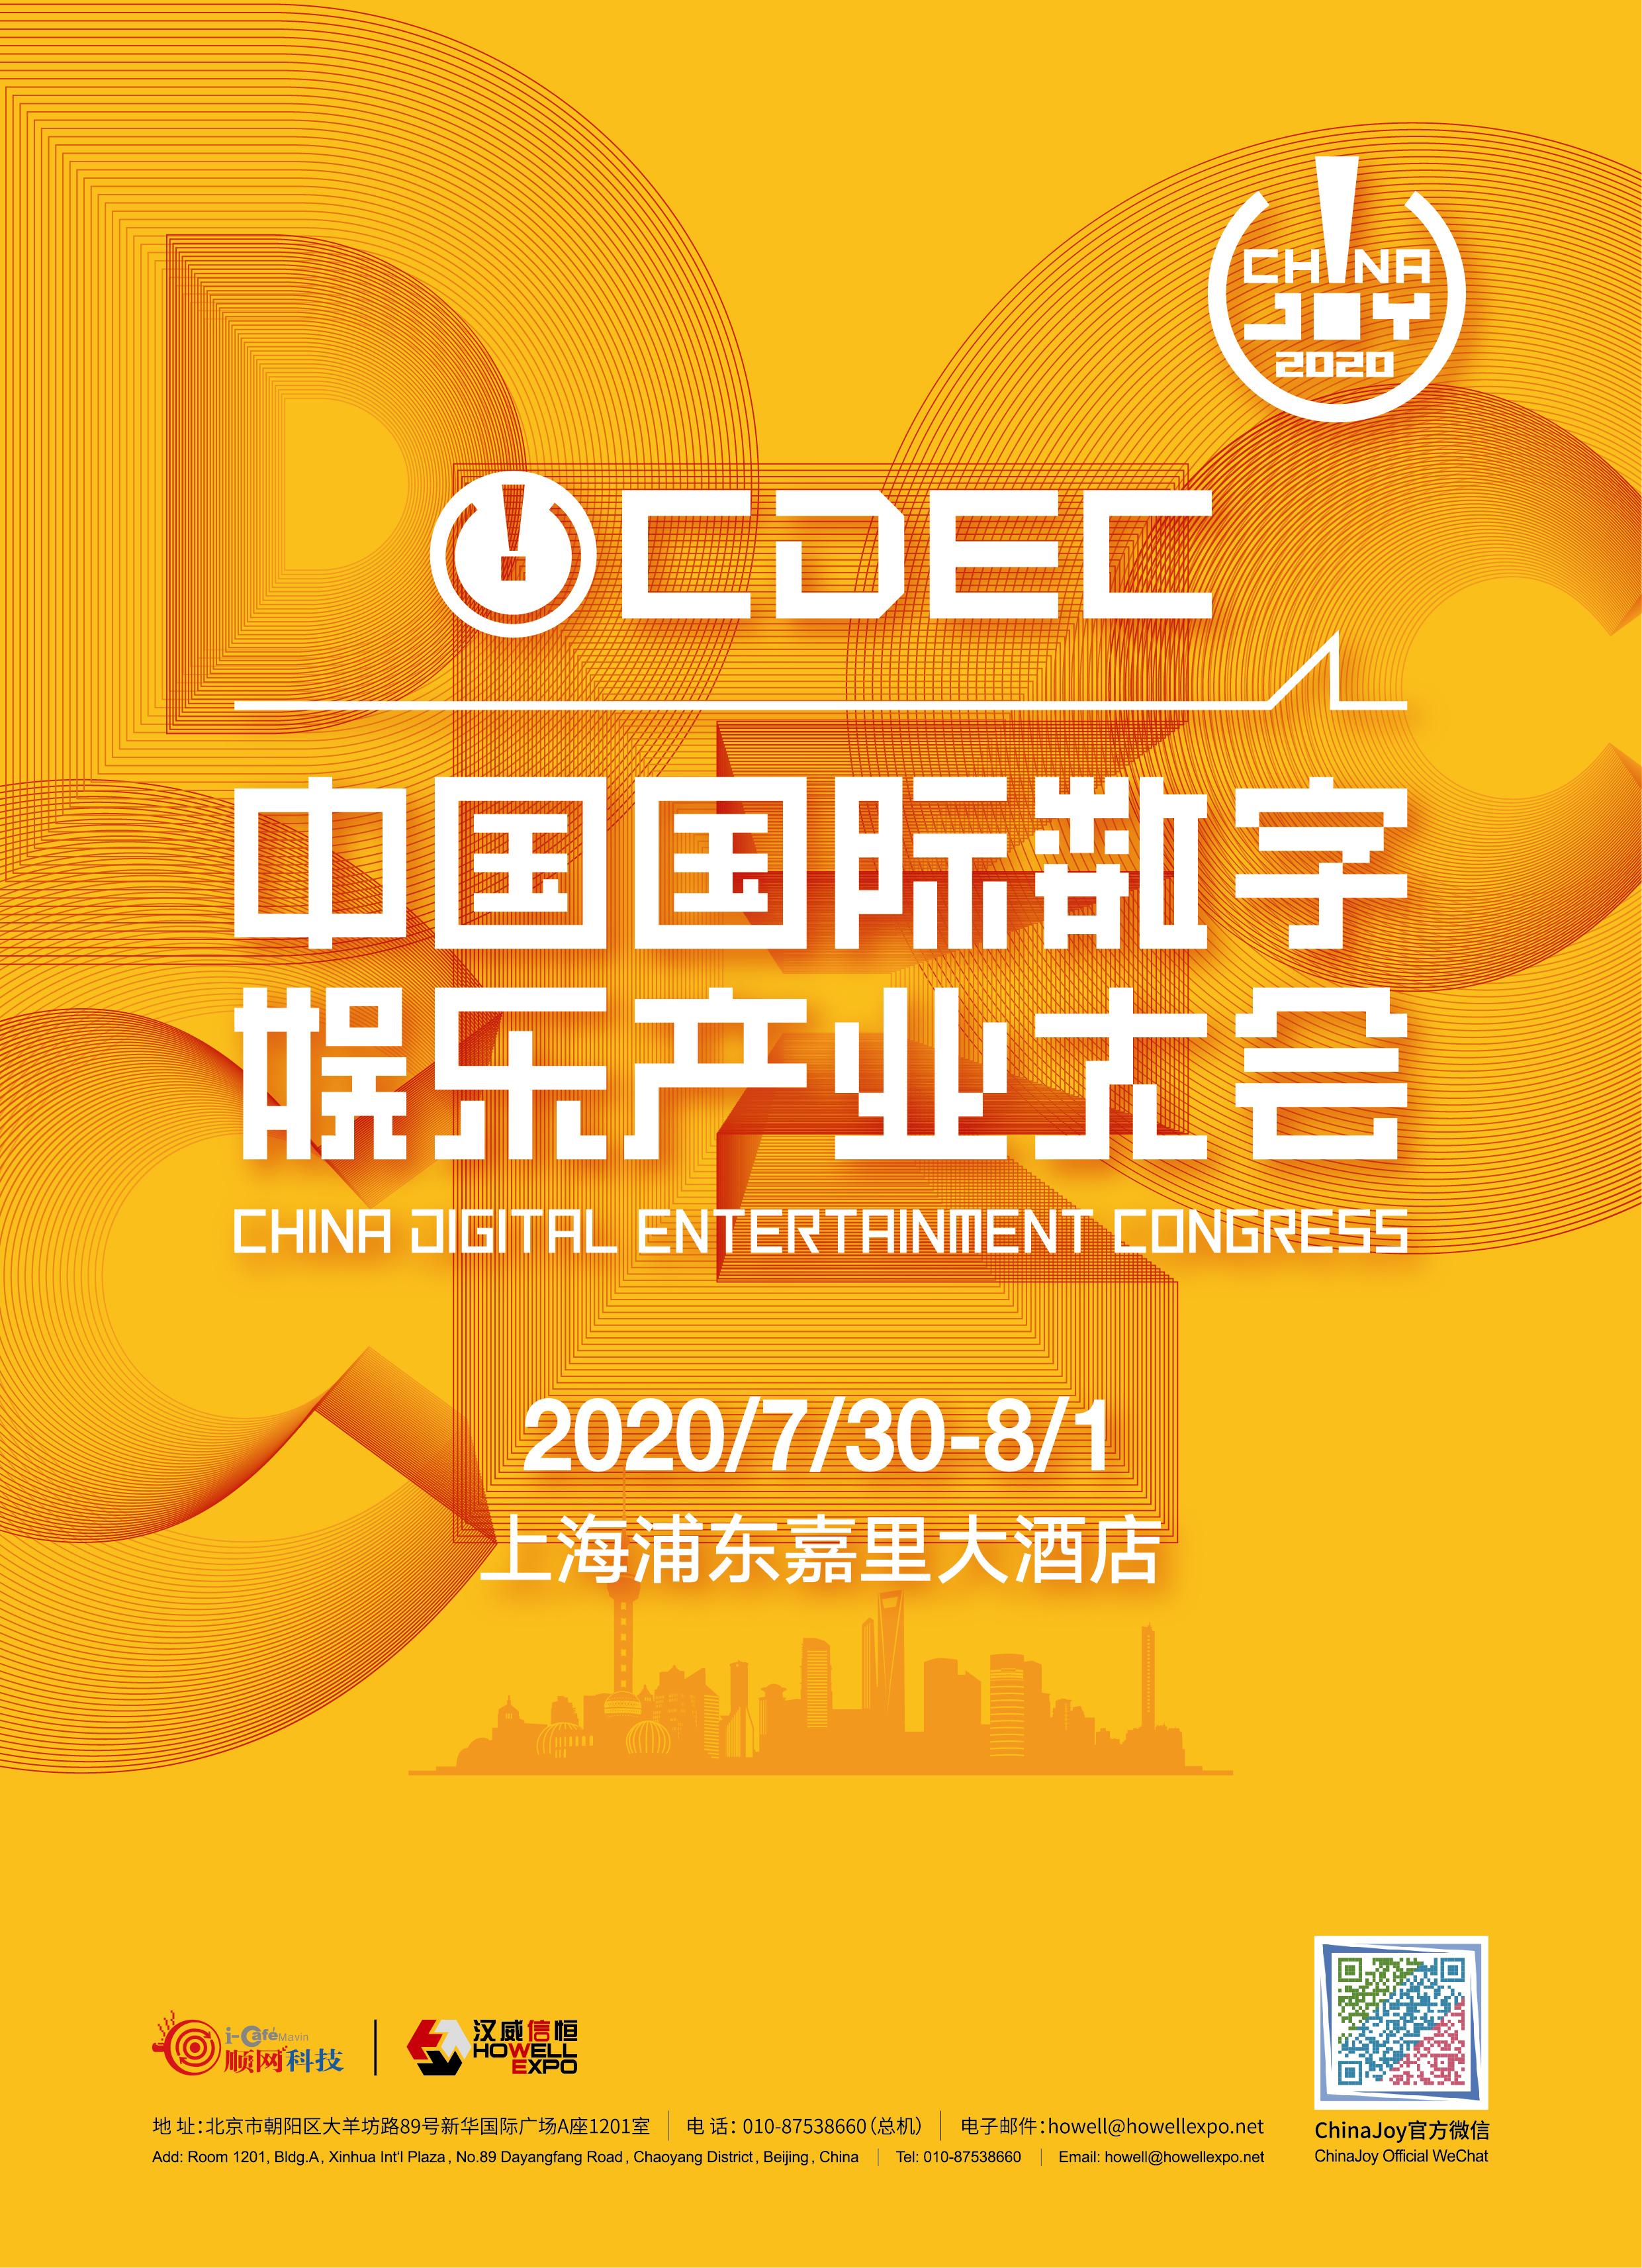 2020中国国际数字娱乐产业大会嘉宾抢先看